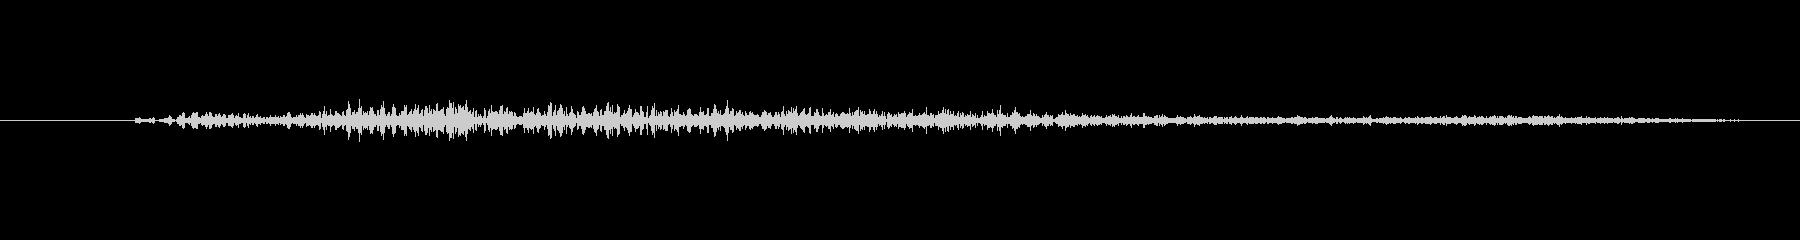 ゾンビ うめき声20の未再生の波形